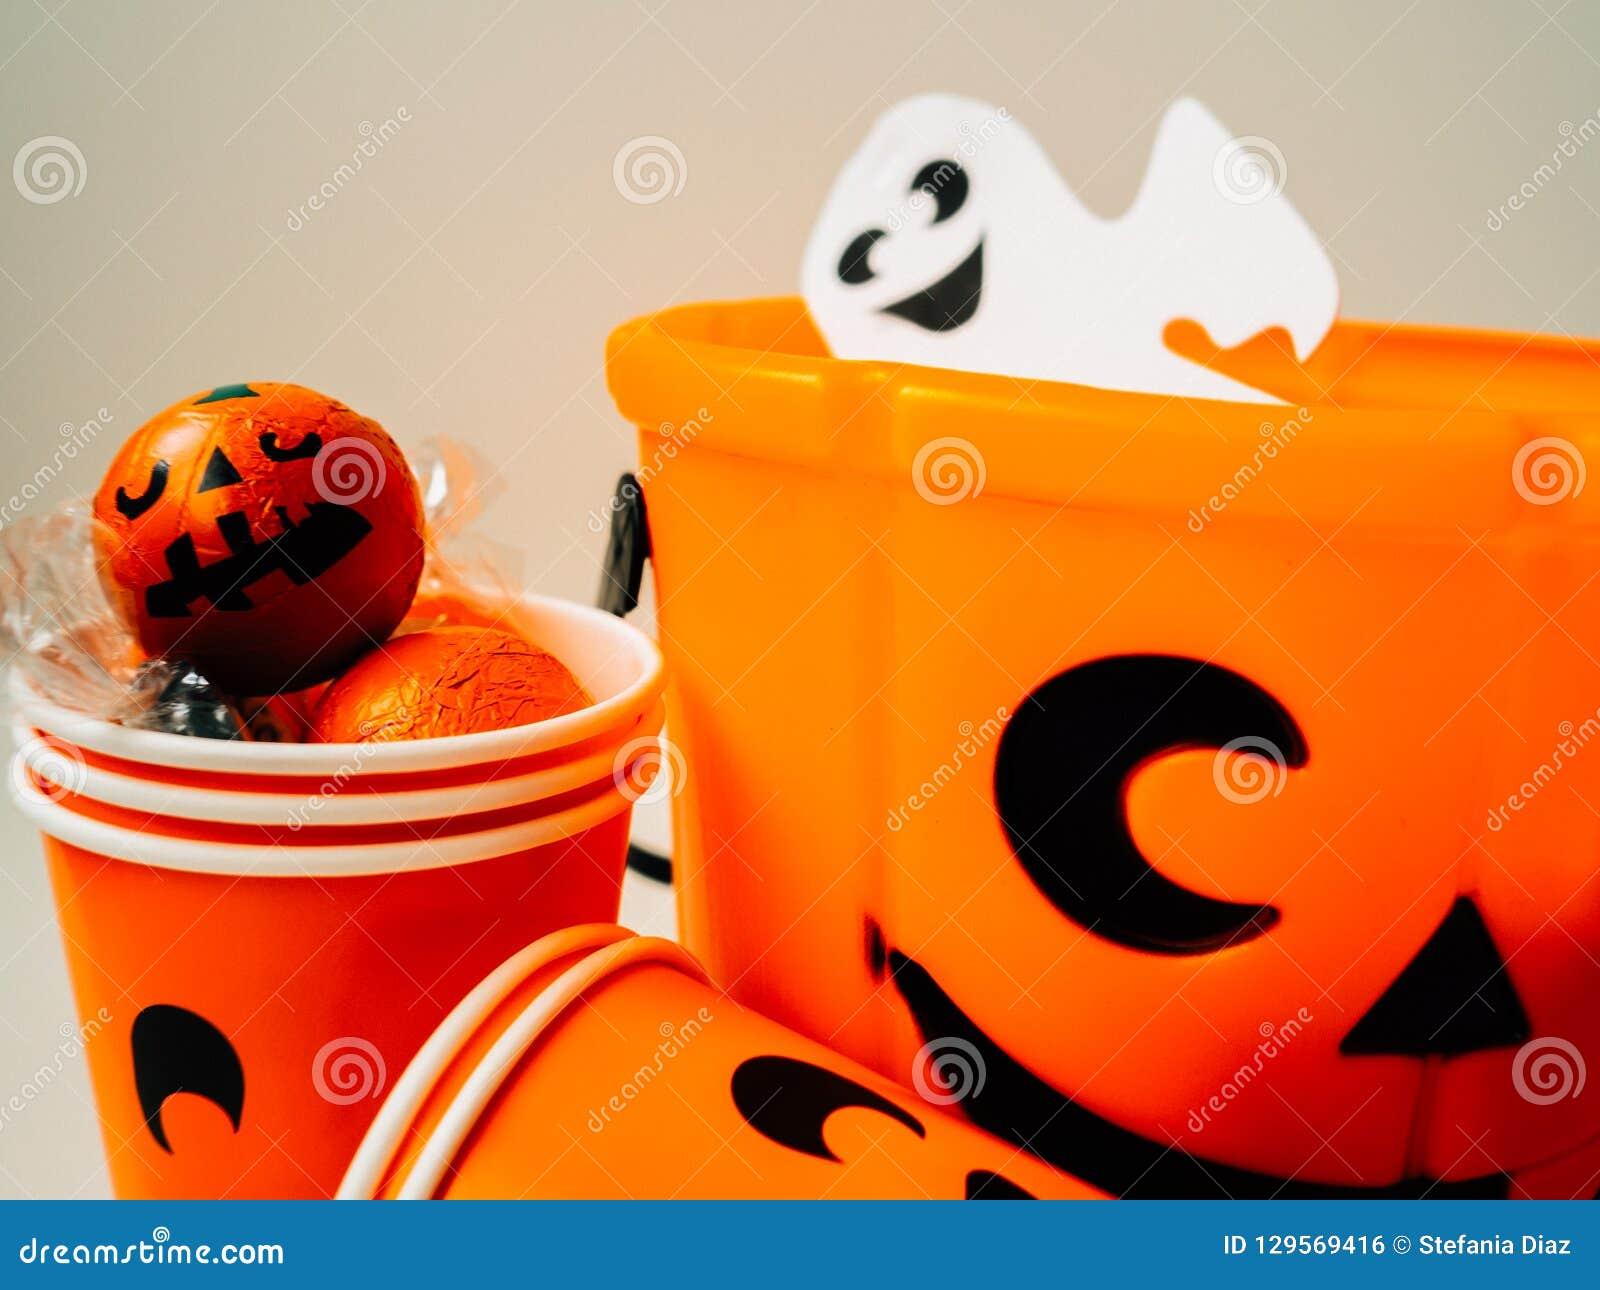 Oranje die pompoen met chocolade wordt gevuld en een oranje kartonkop met gelukkig gezicht en een wit spook